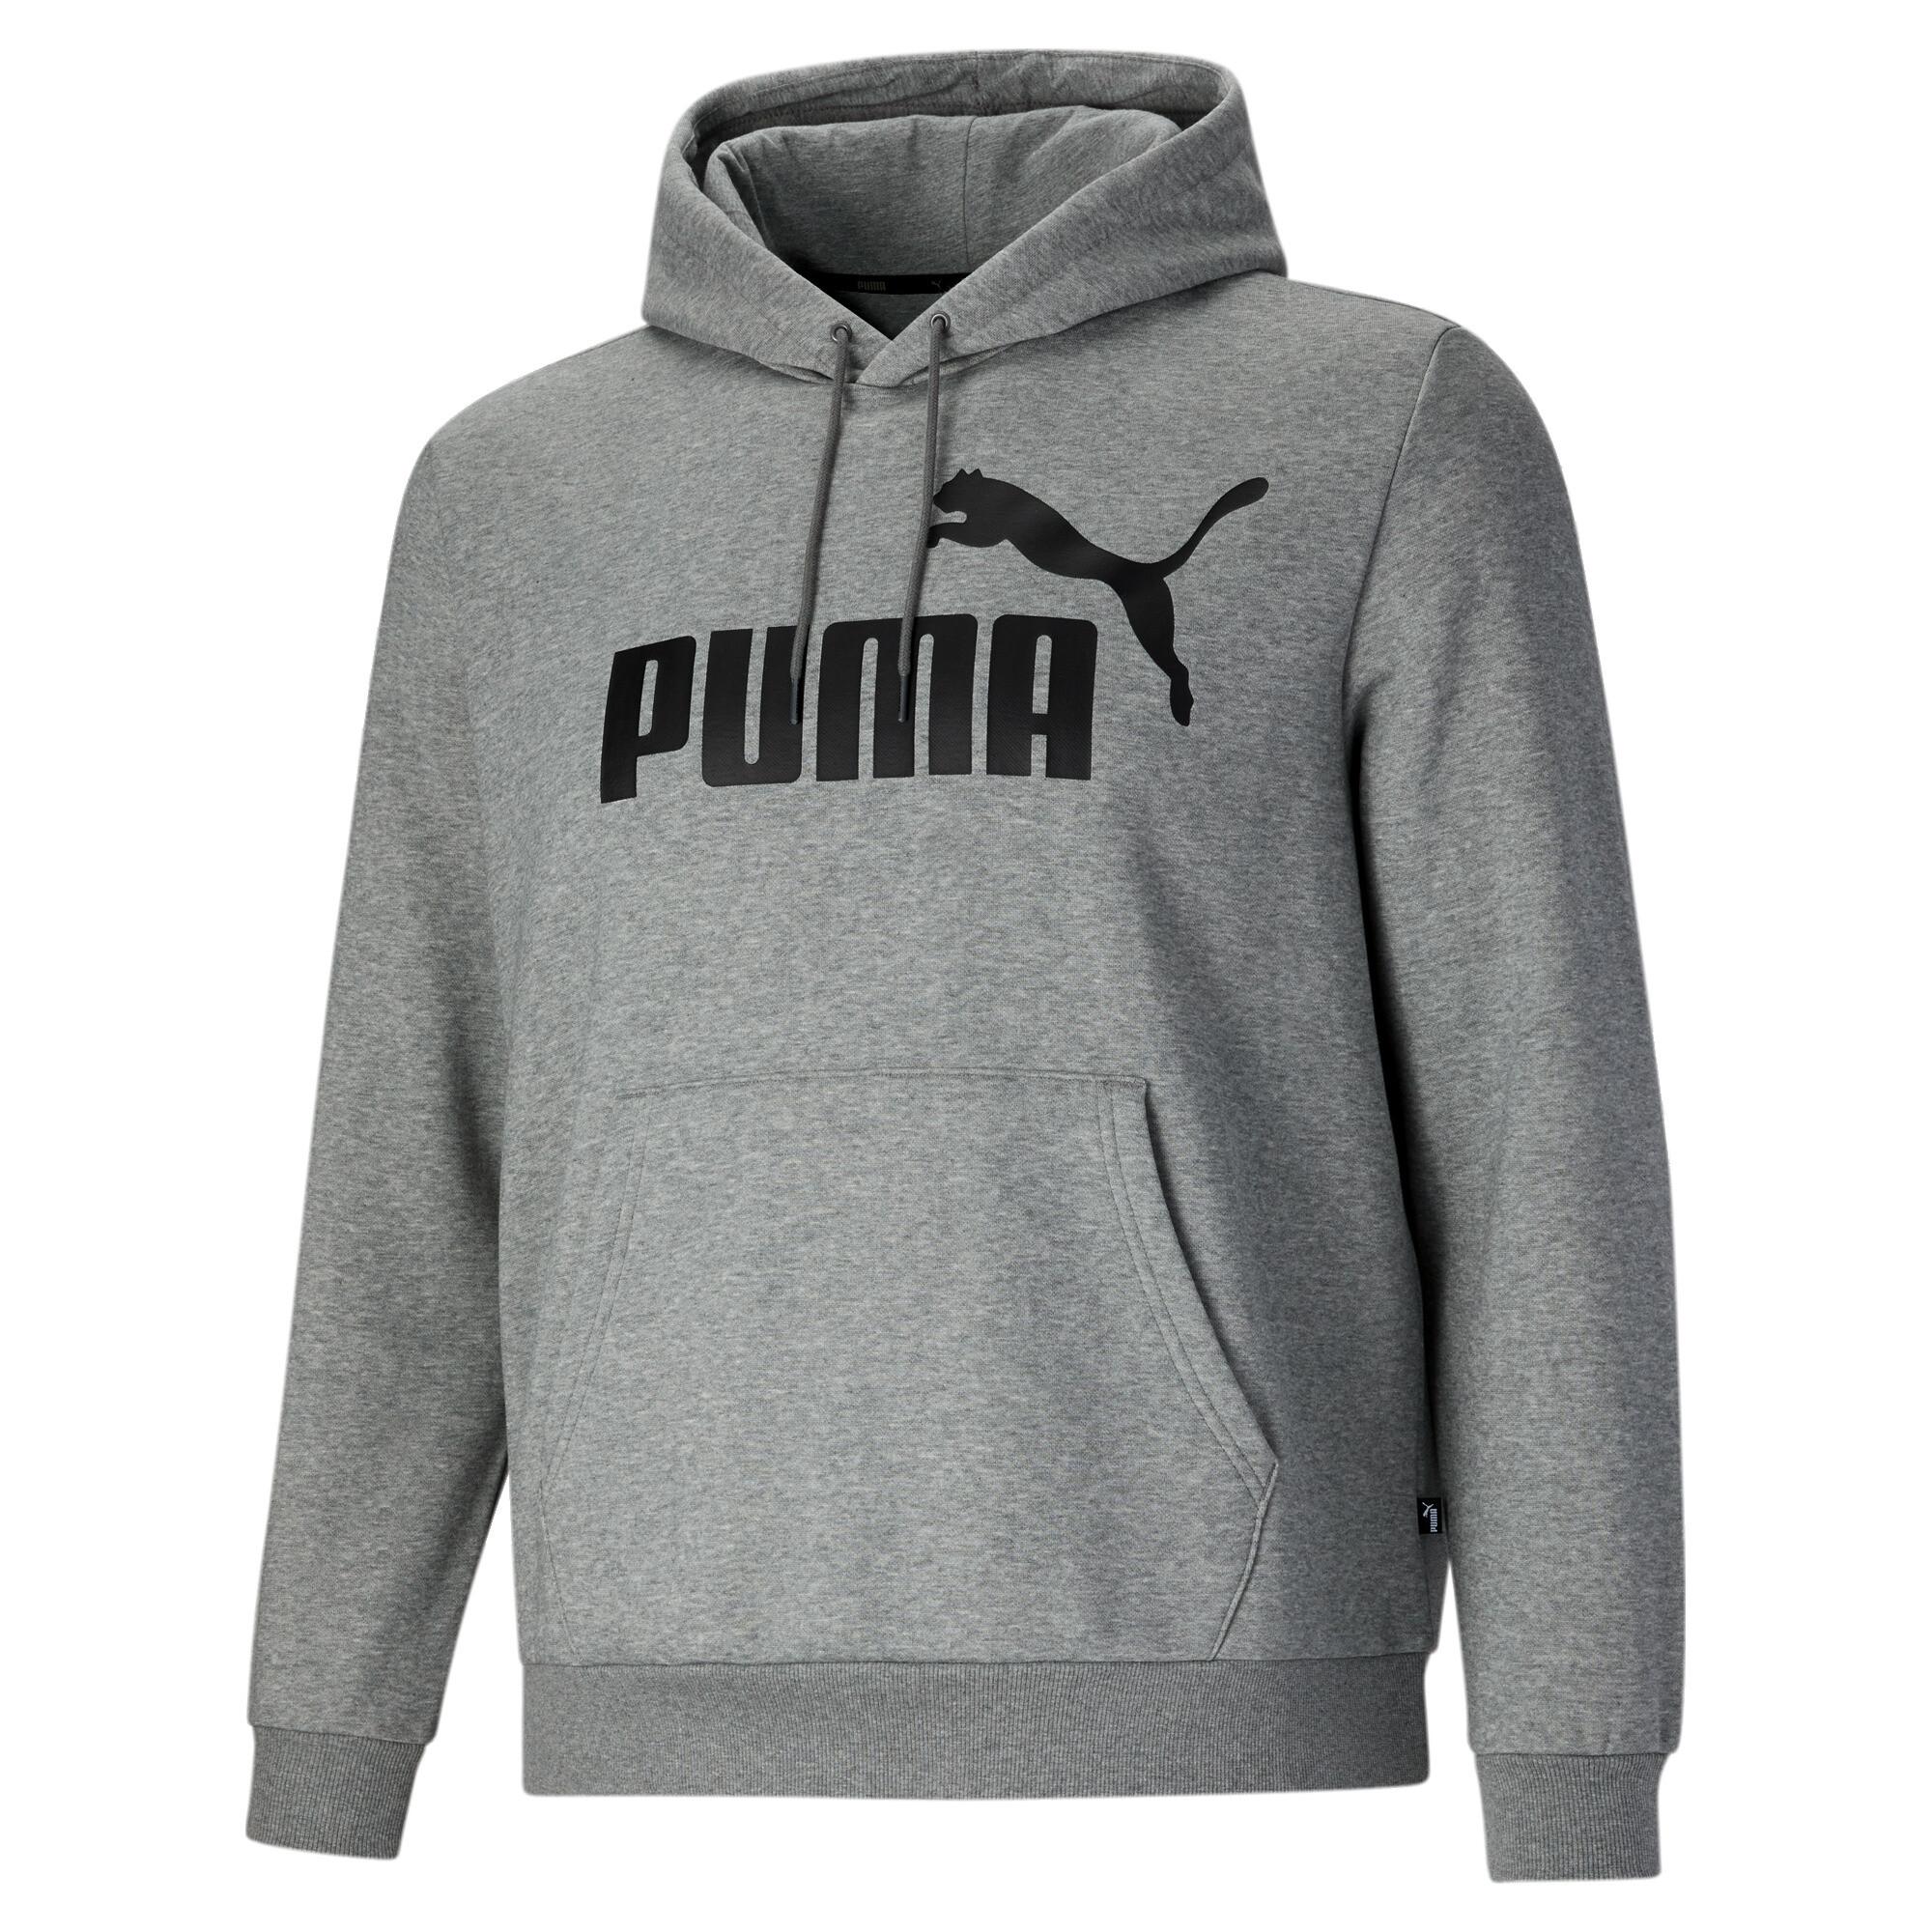 thumbnail 10 - PUMA Men's Essentials Big Logo Hoodie Big & Tall